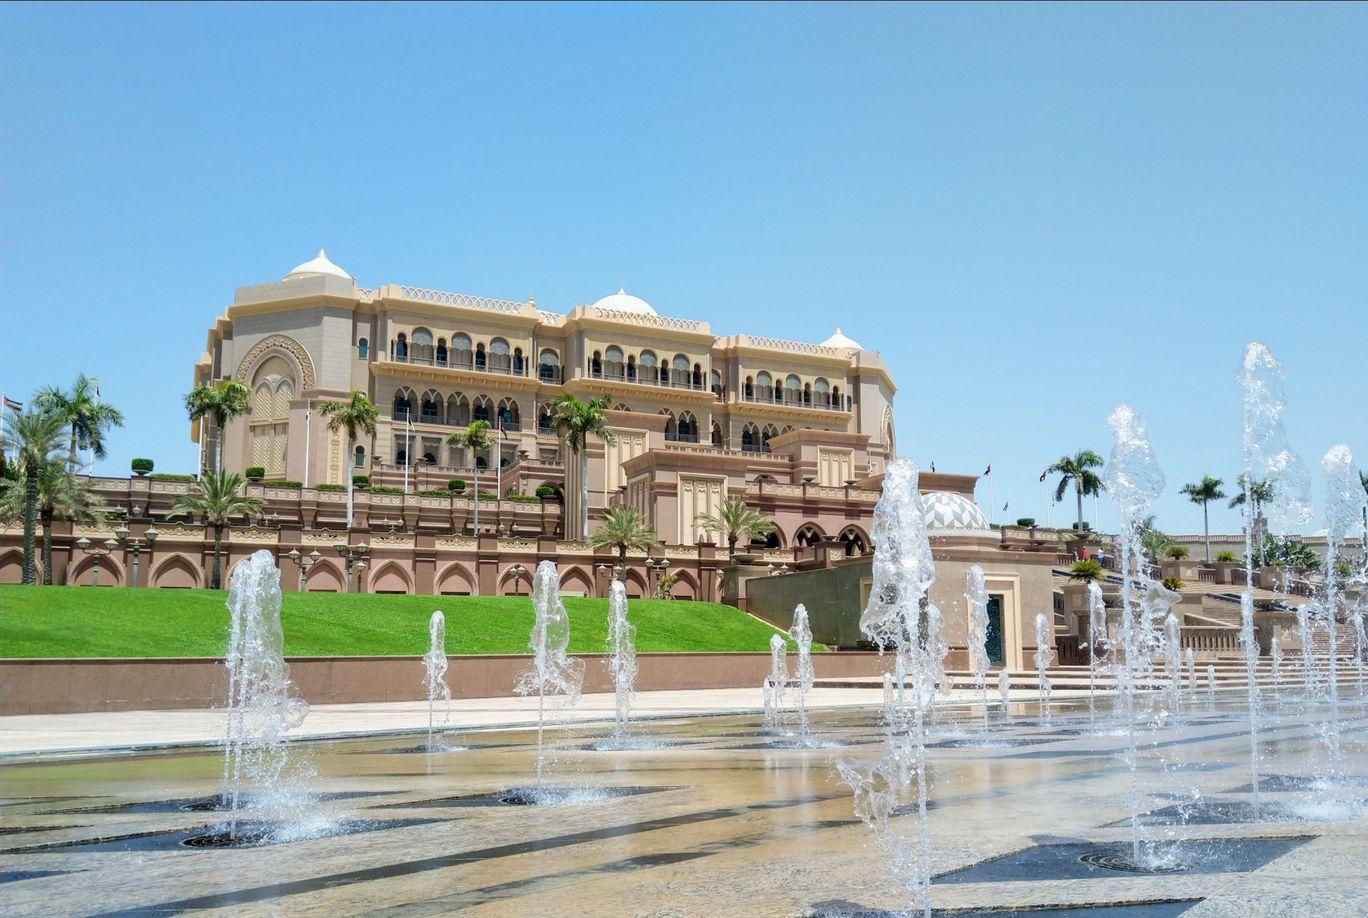 Photo of Emirates Palace - Abu Dhabi - United Arab Emirates By Sagar Garg